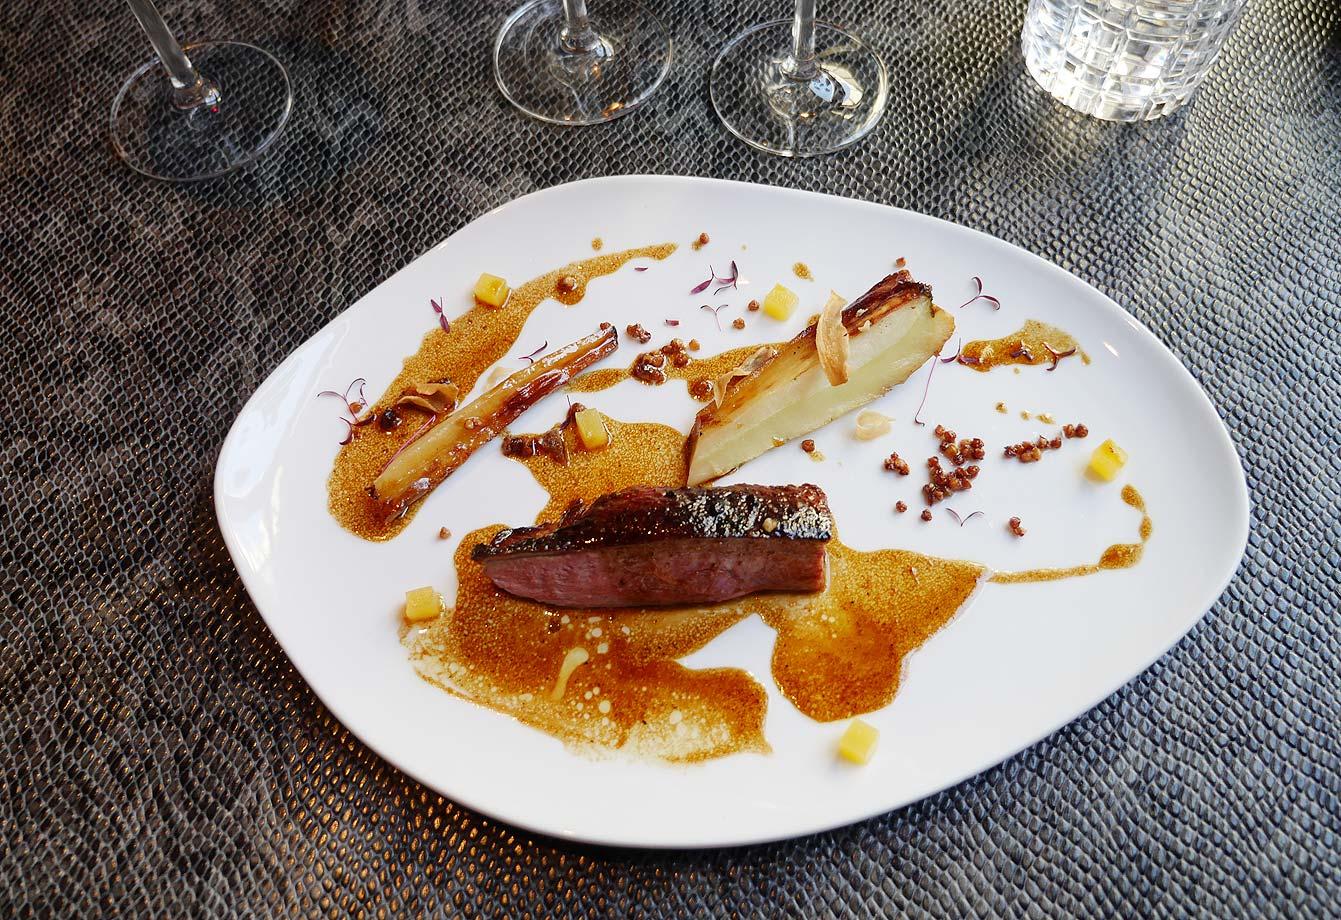 Filet de bœuf de bavière, potimarrons rôtis au miel, romarin, champignons des bois et éclats de châtaignes